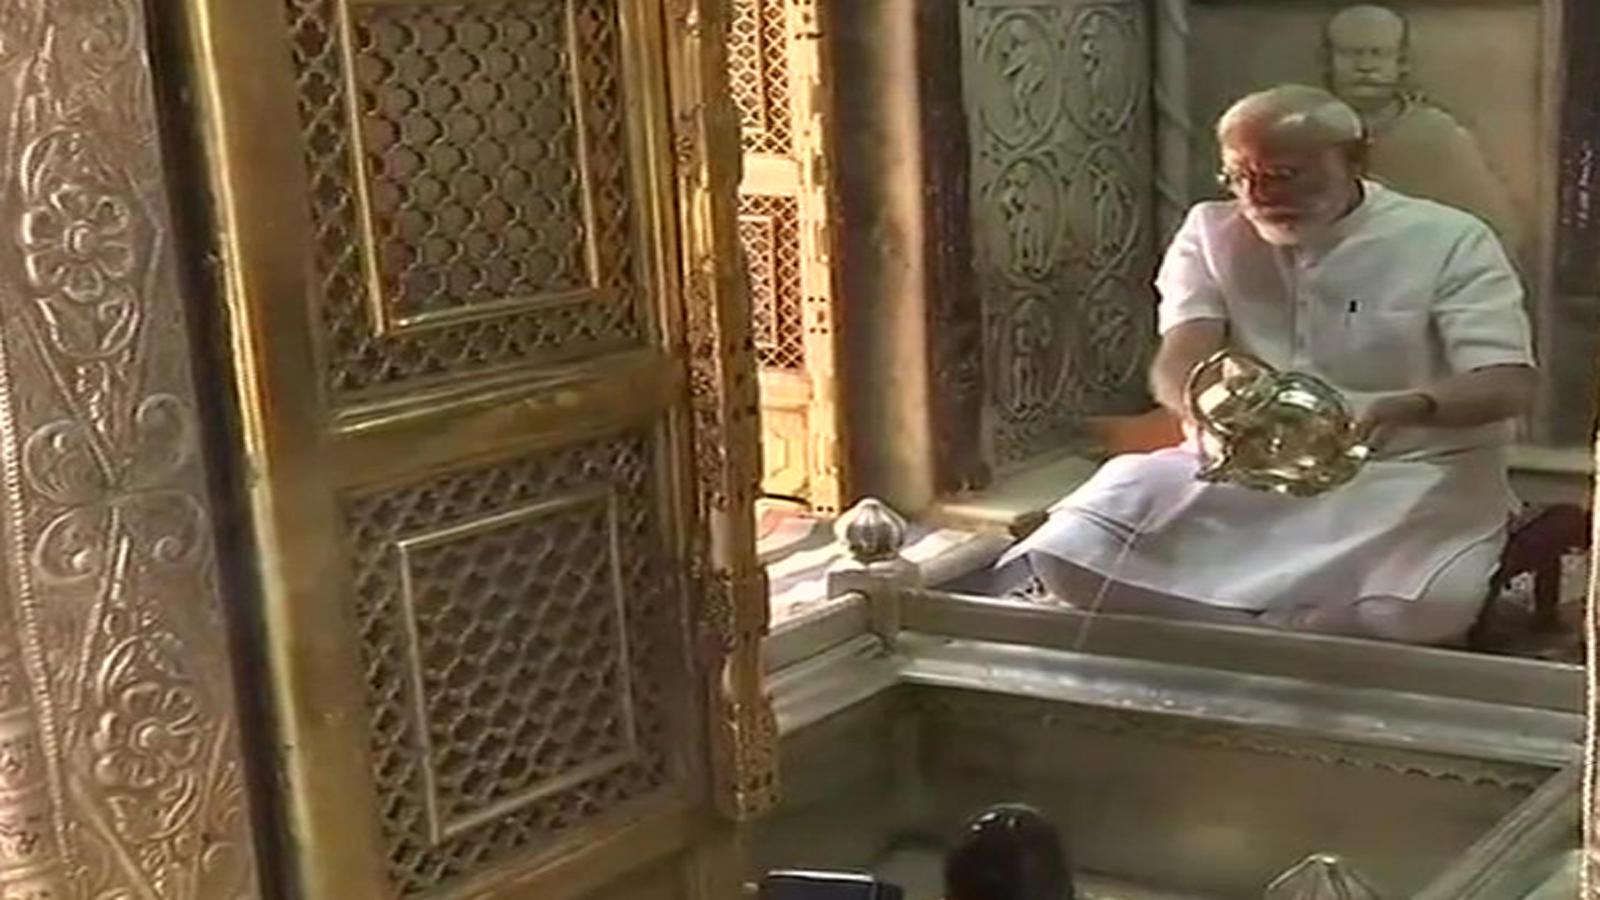 prime-minister-narendra-modi-offers-prayers-at-kashi-vishwanath-temple-thanks-voters